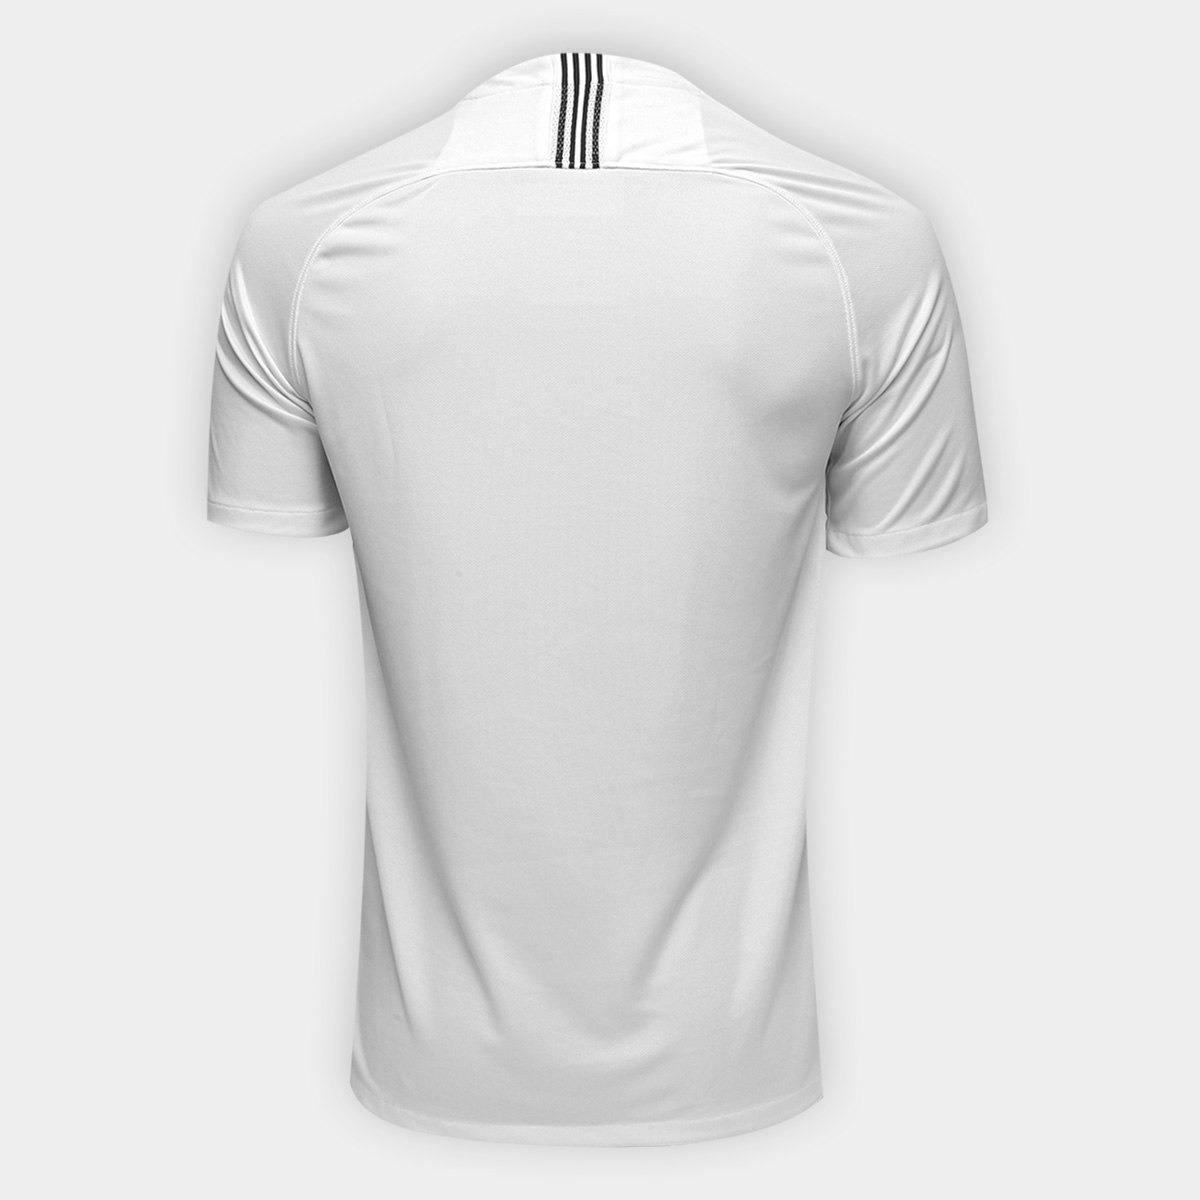 00374a5948 nova camisa corinthians - timão, jadson, love - frete grátis. Carregando  zoom.